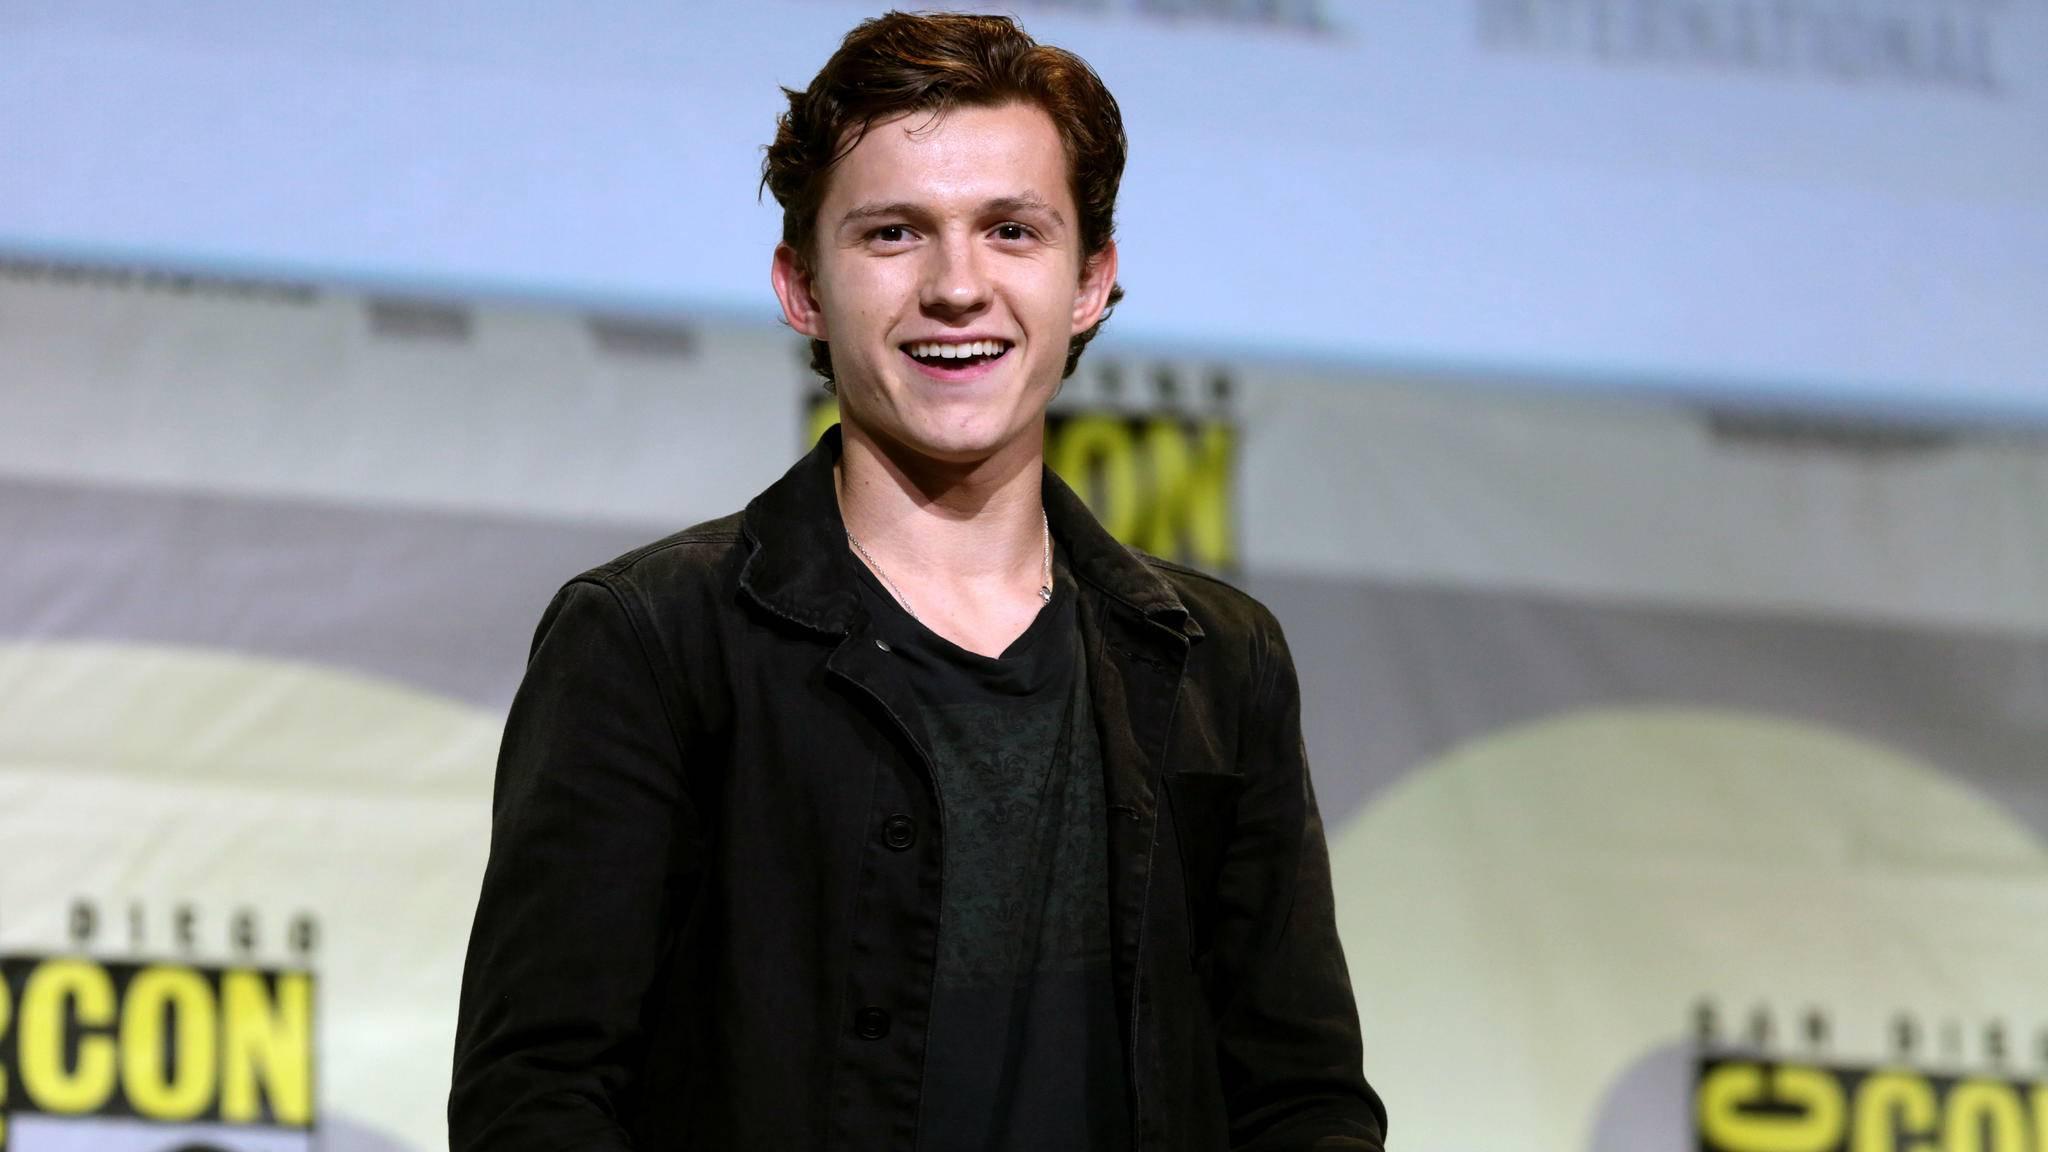 Tom Holland wird in den kommenden Filmen die Rolle des Spider-Man übernehmen.